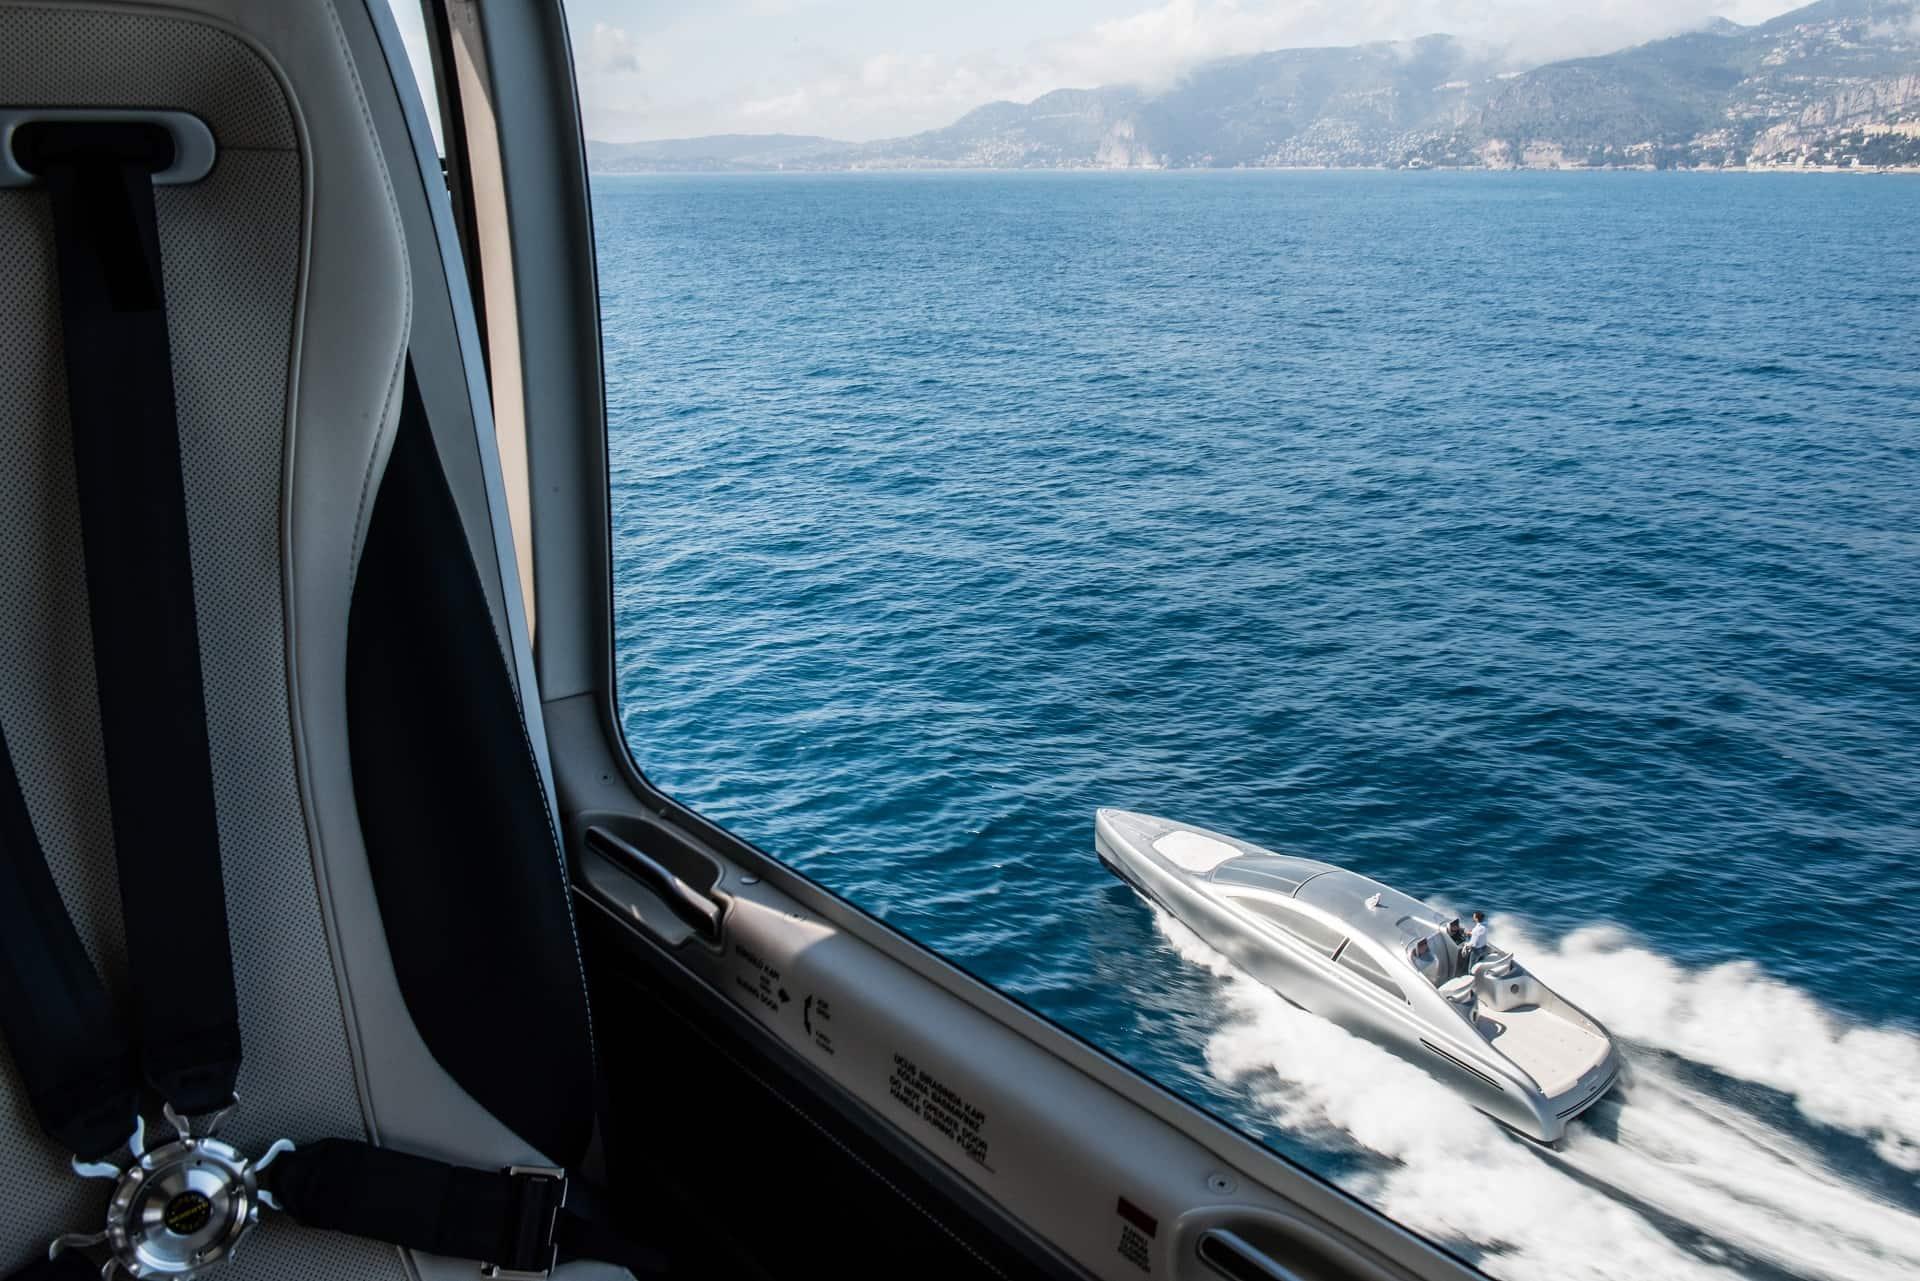 """Weltpremiere an der Côte d'Azur: Vor Nizza startete die von Mercedes-Benz Style gestaltete Luxus-Motoryacht """"Arrow460–Granturismo"""" von Silver Arrows Marine auf ihre Jungfernfahrt."""